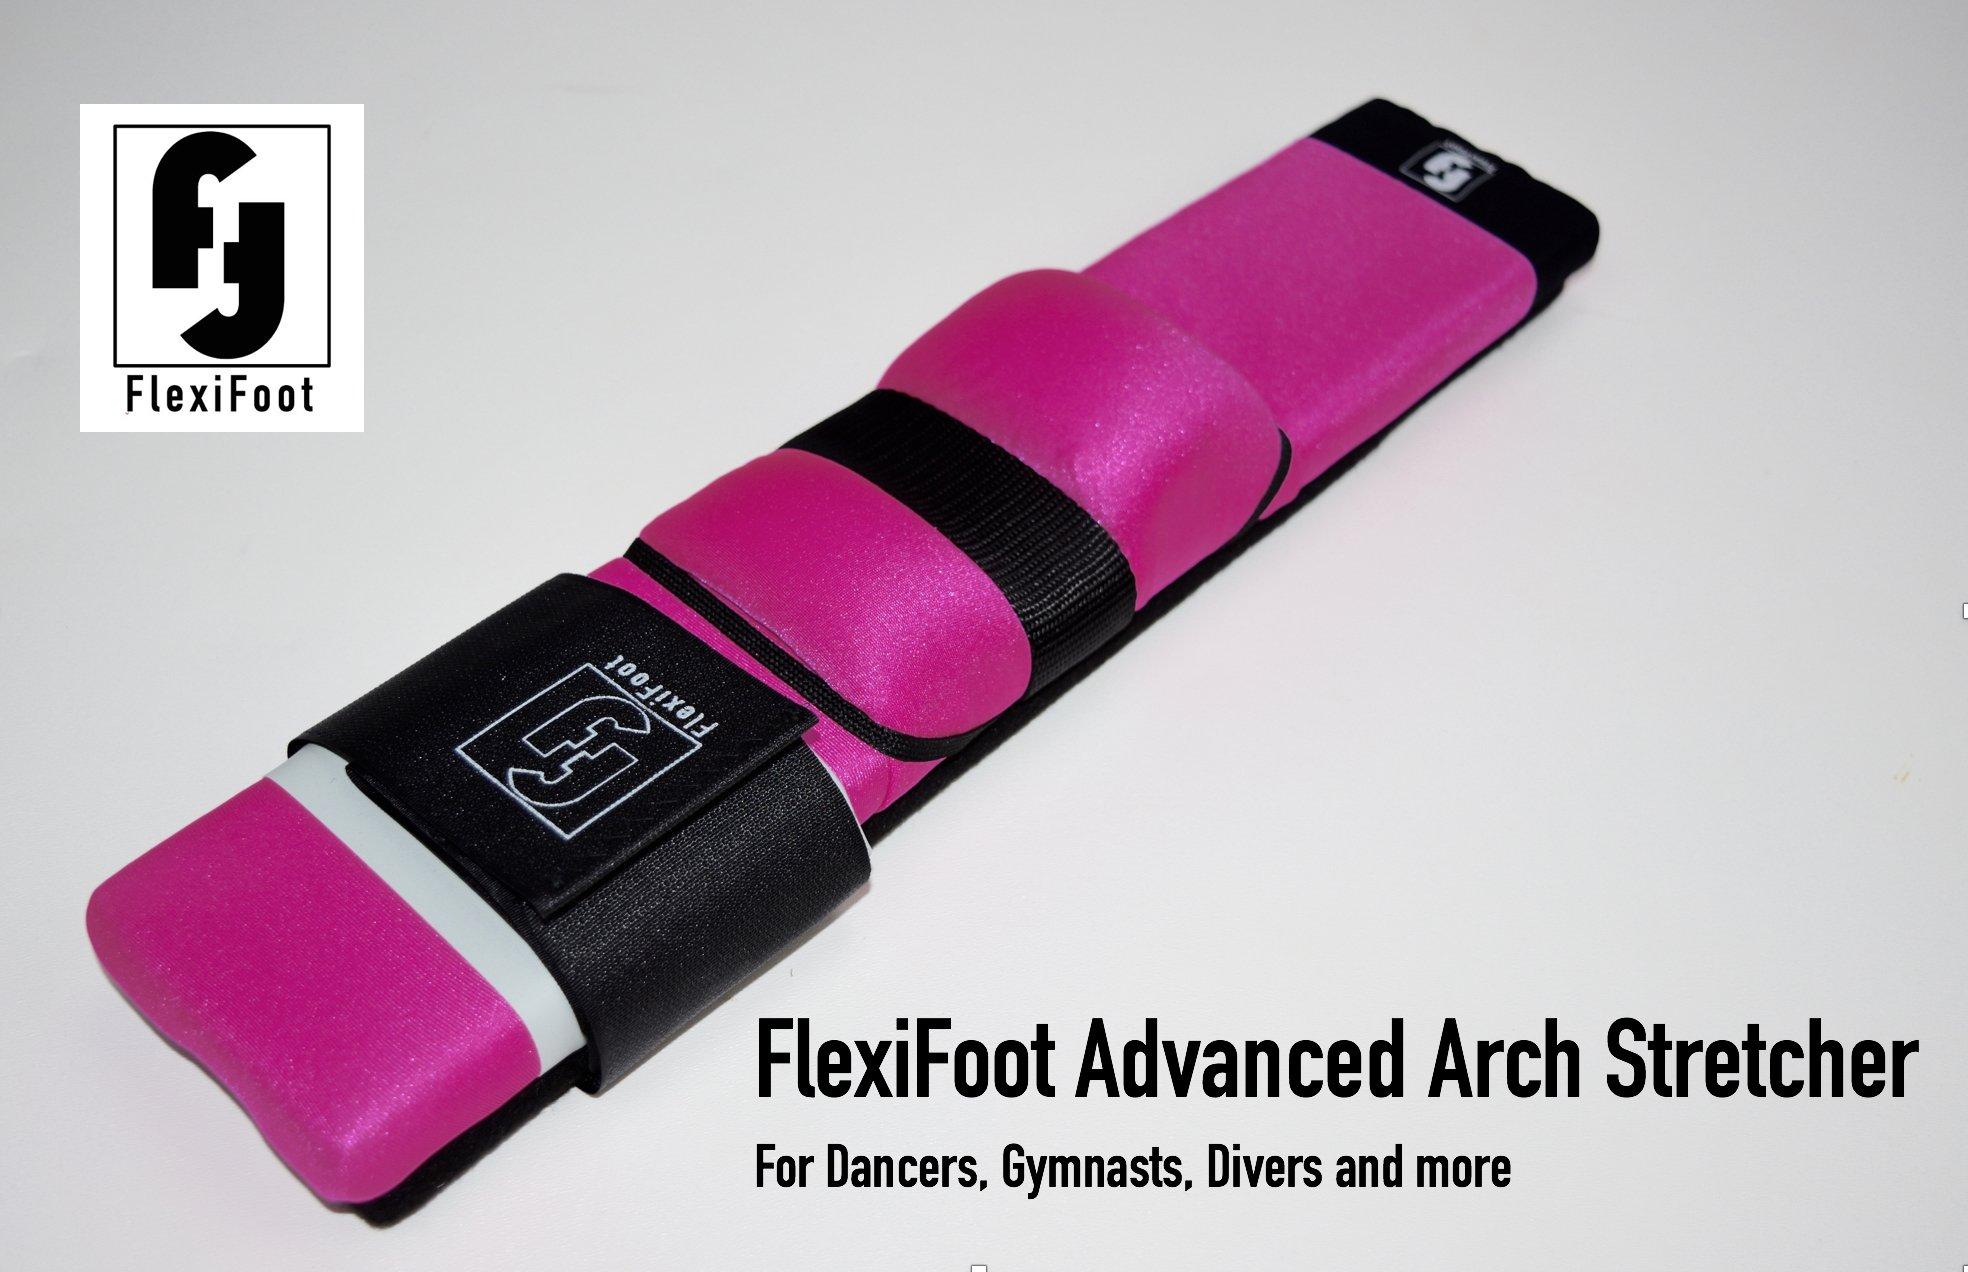 FlexiFoot Advanced Arch Stretcher by FlexiFoot